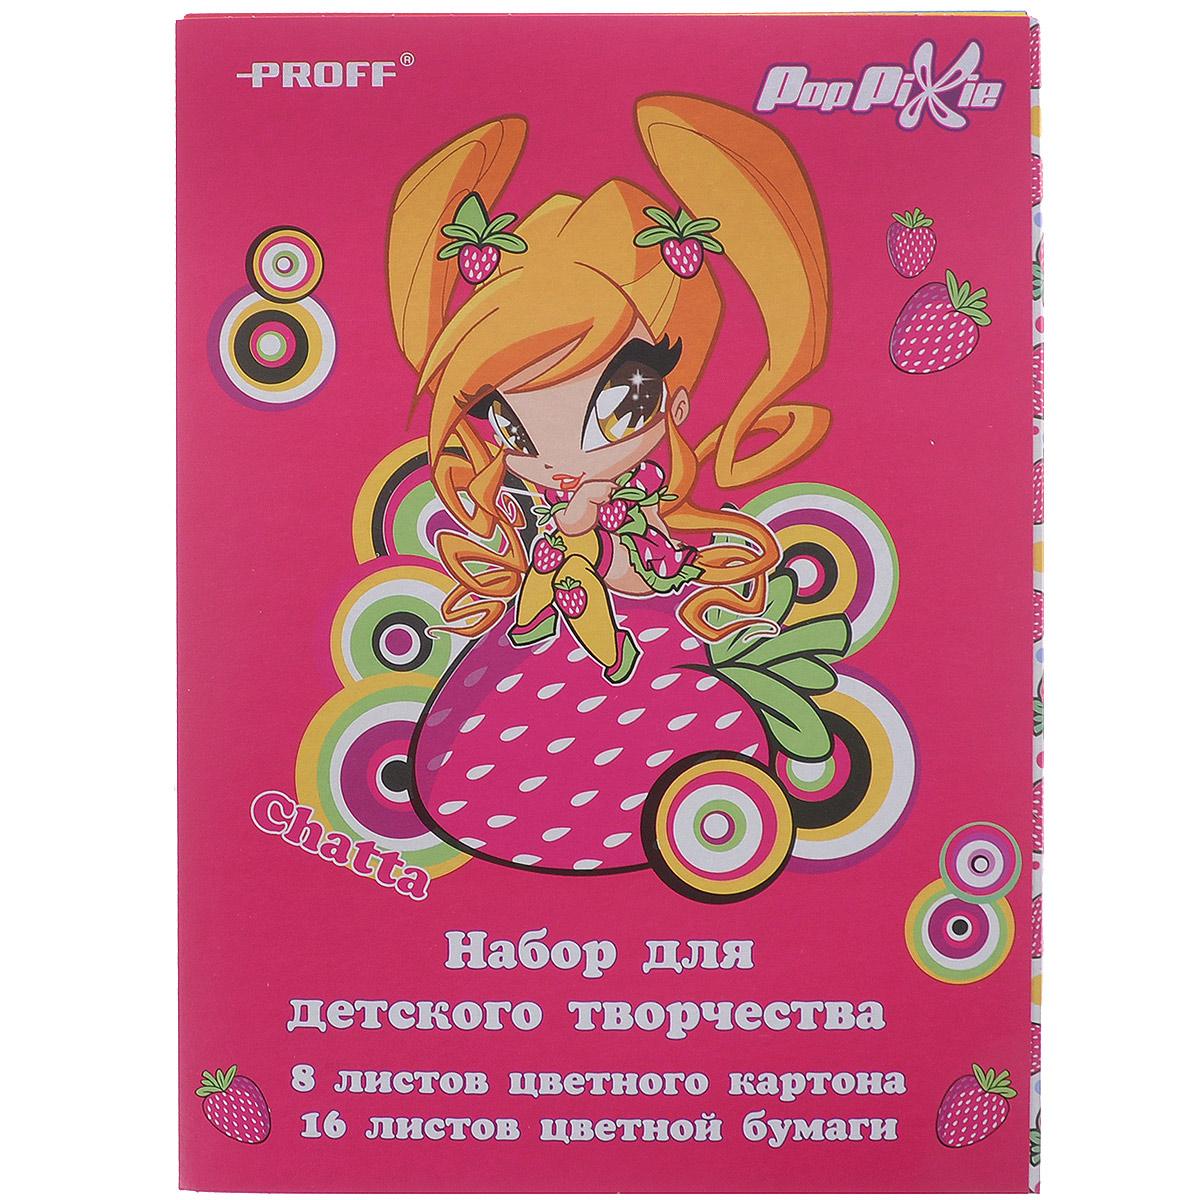 Набор для детского творчества Proff PopPixiePP15-CCPS24Набор для детского творчества Proff PopPixie содержит 8 листов цветного мелованного картона и 16 листов цветной бумаги следующих цветов: желтого, красного, коричневого, малинового, оранжевого, зеленого, черного, синего, белого. Создание поделок из цветной бумаги и картона - это увлекательнейший процесс, способствующий развитию у ребенка фантазии и творческого мышления. Набор упакован в картонную папку с цветным изображением прекрасной Пикси-Чатты.